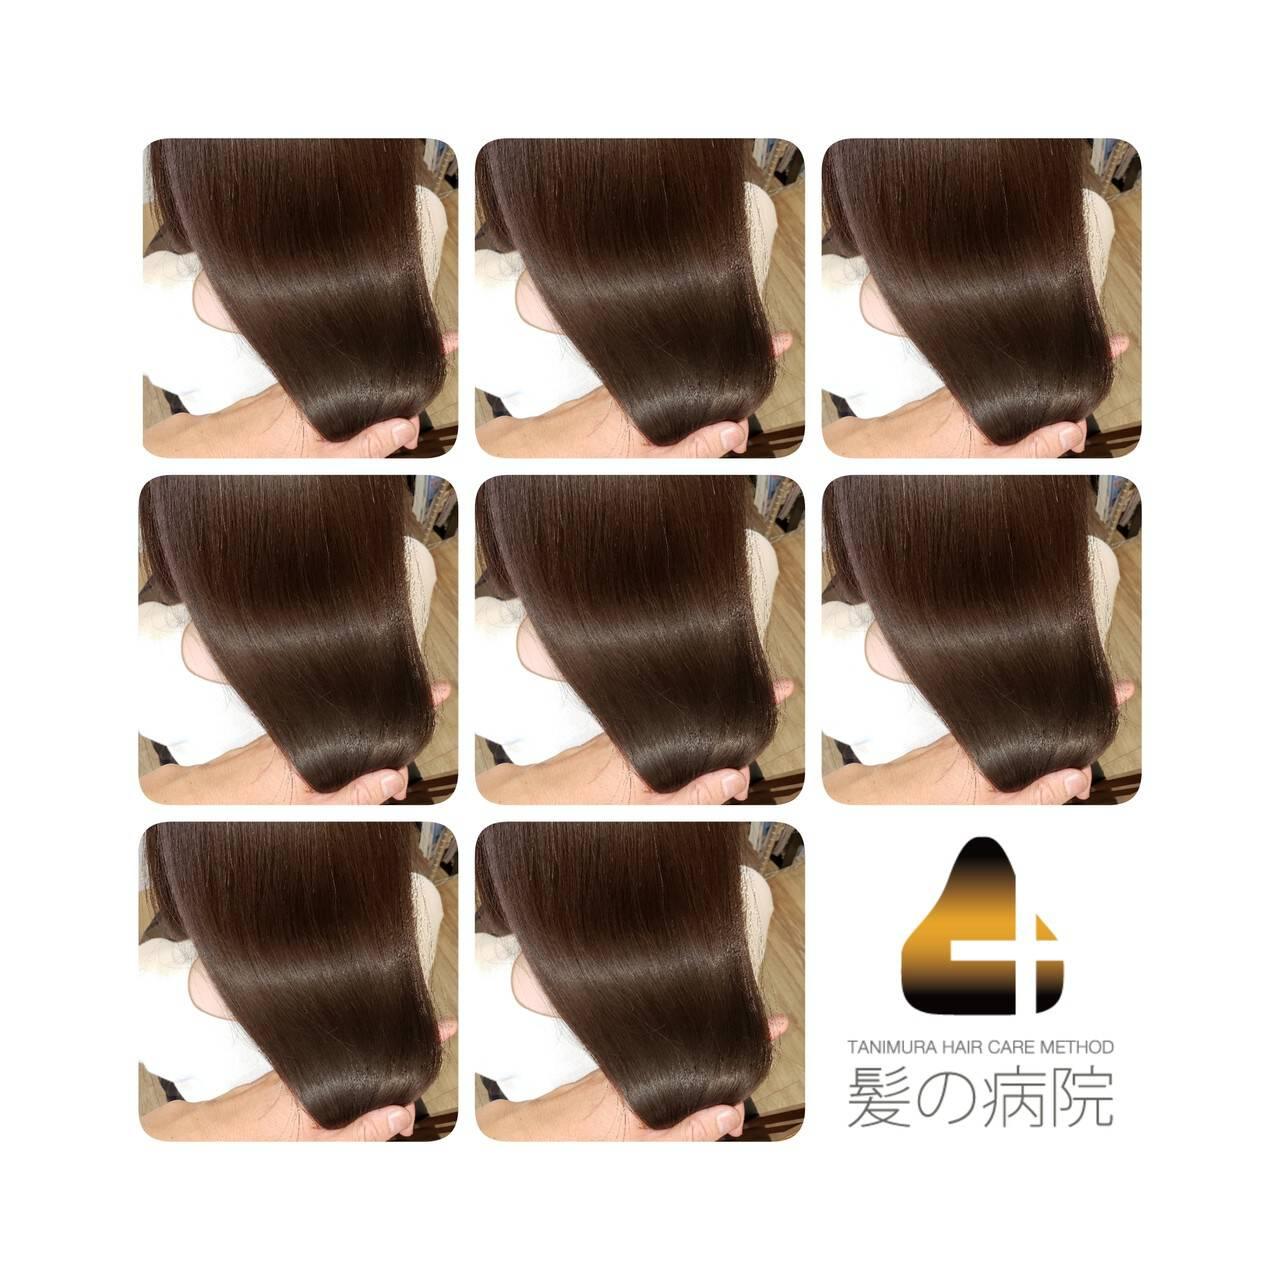 美髪 ナチュラル トリートメント 名古屋市守山区ヘアスタイルや髪型の写真・画像